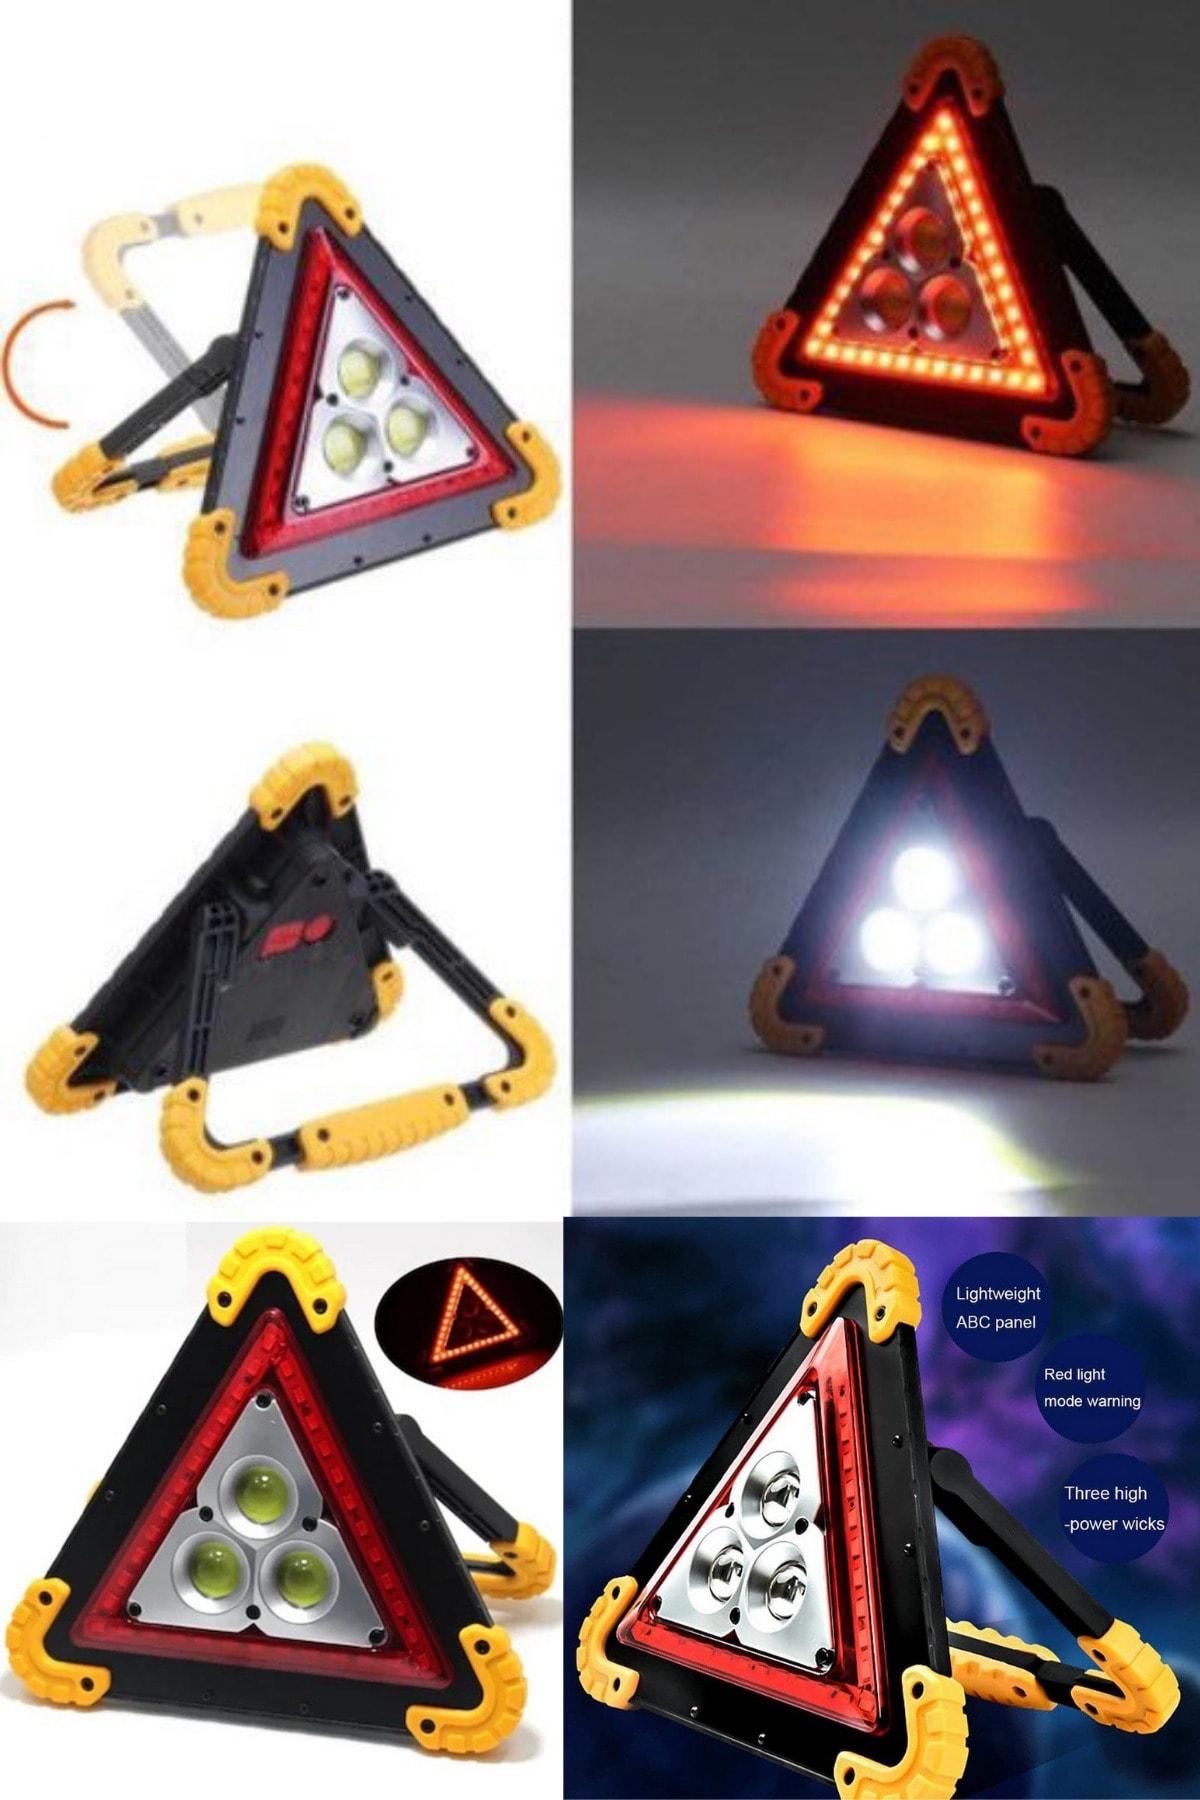 QNİAY Reflektör Usb-akıllı Şarj Işıklı Ikaz Lambası 3 Ledli Fener Trafik Acil Durum Kamp 2